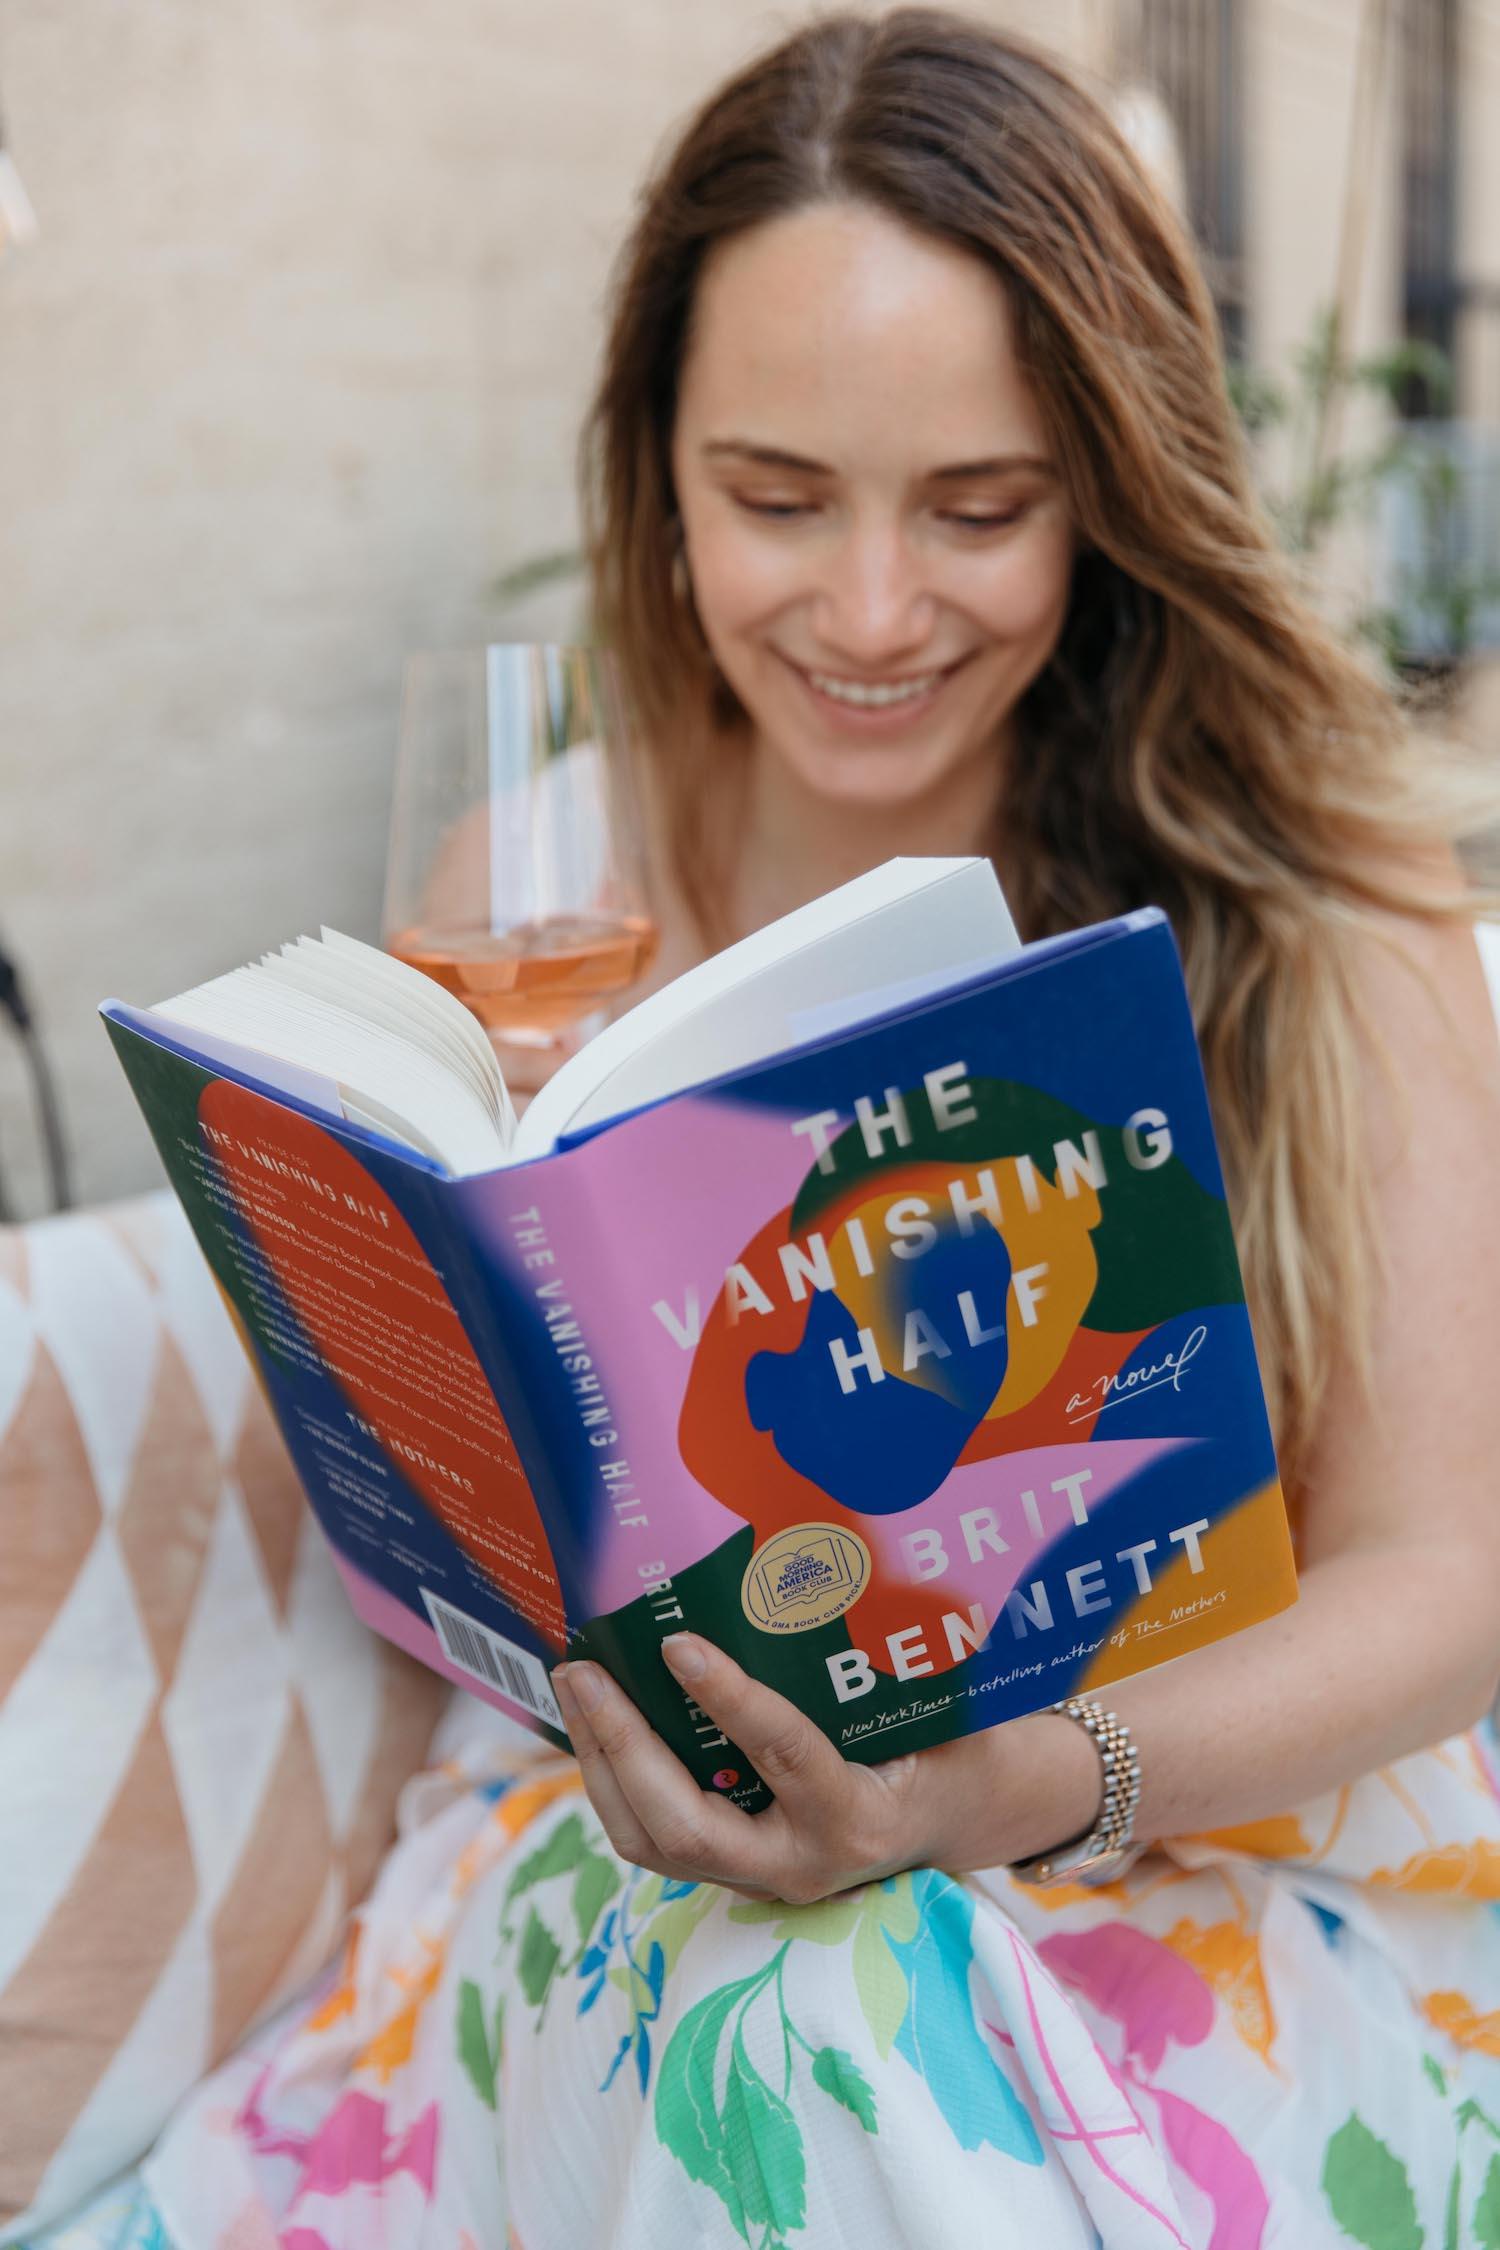 The Vanishing Half book